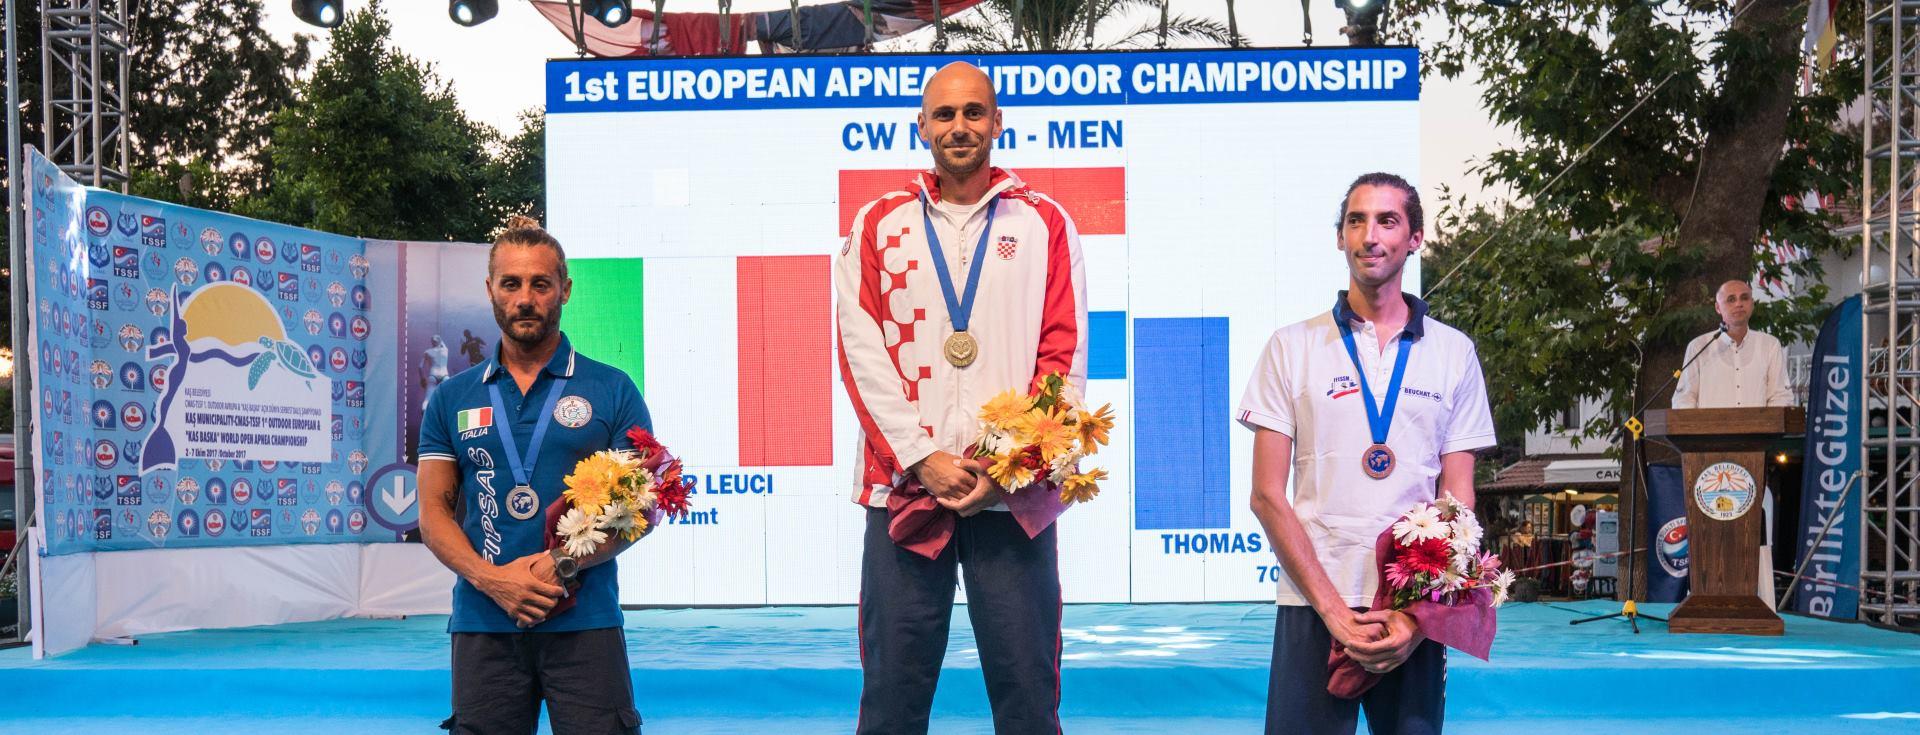 FOTO: Goran Čolak naEuropskom dubinskom prvenstvu ponovo obara rekorde